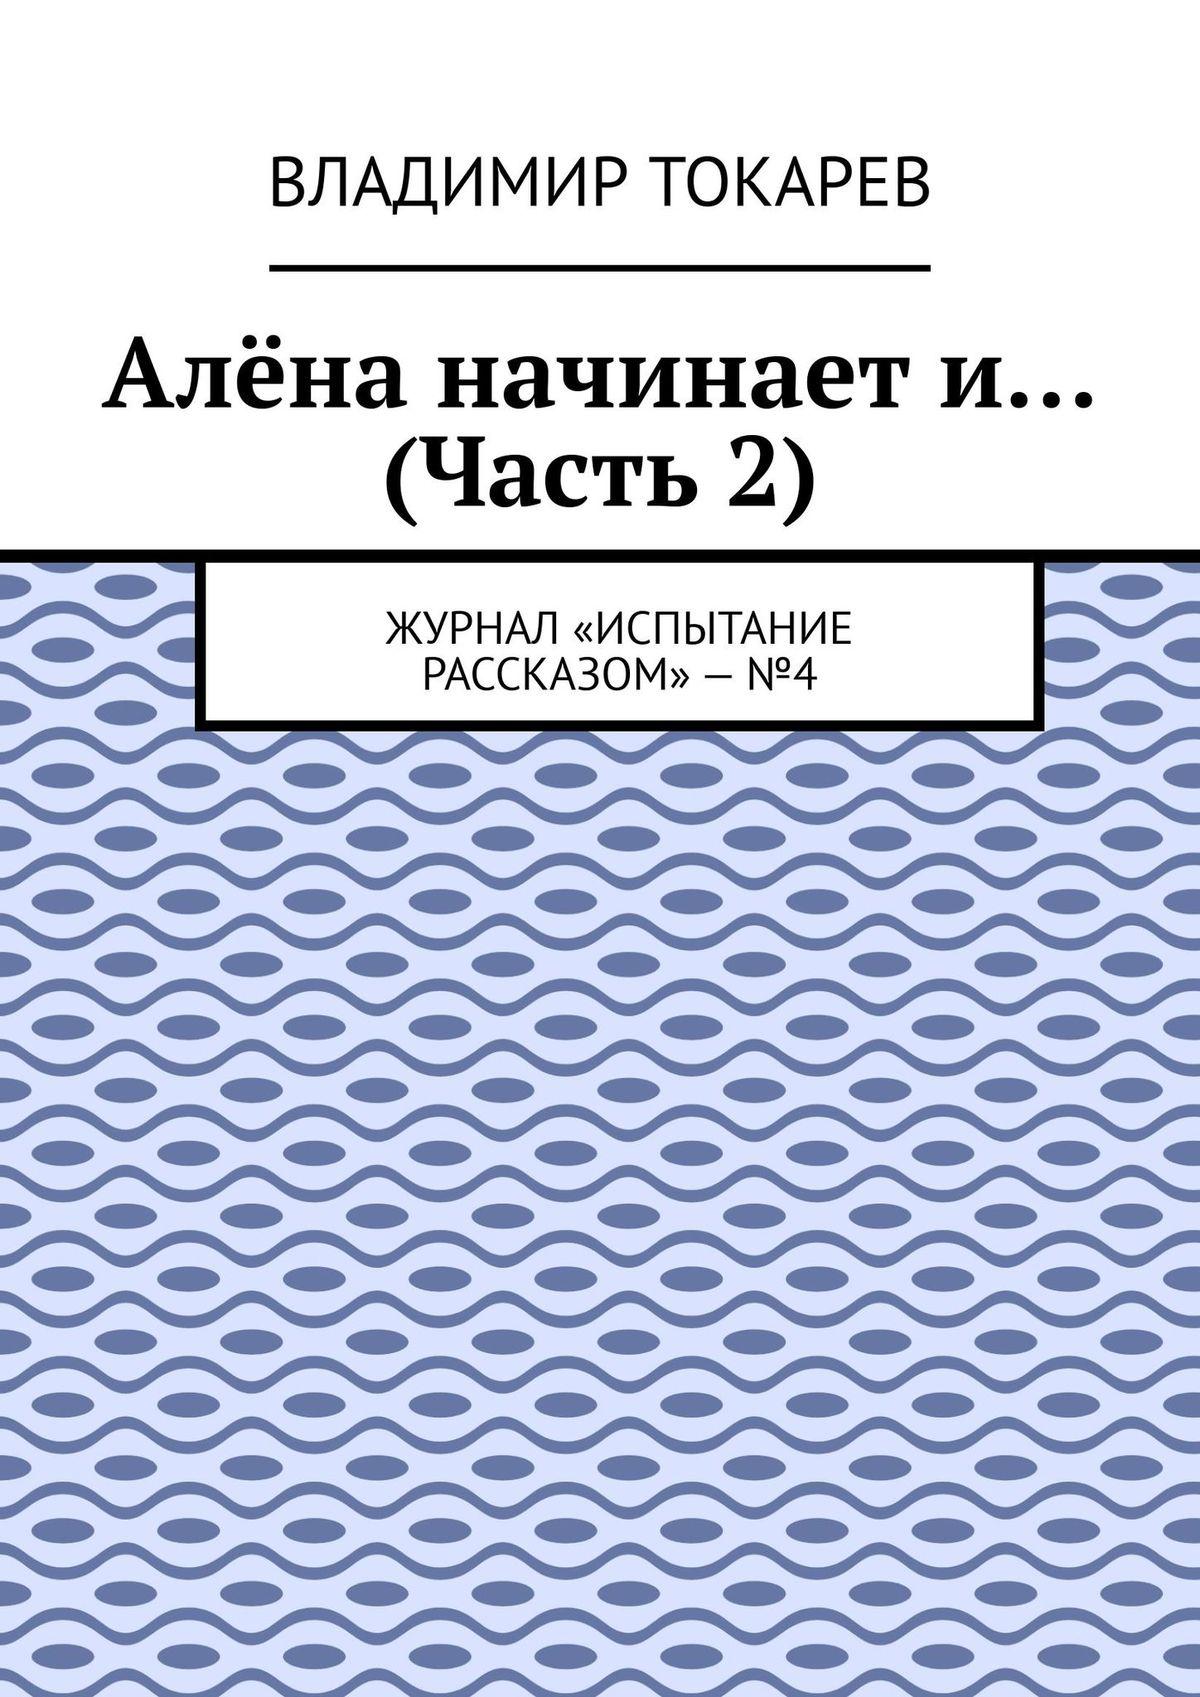 Алёна начинает и… (Часть 2). Журнал «Испытание рассказом»–№4